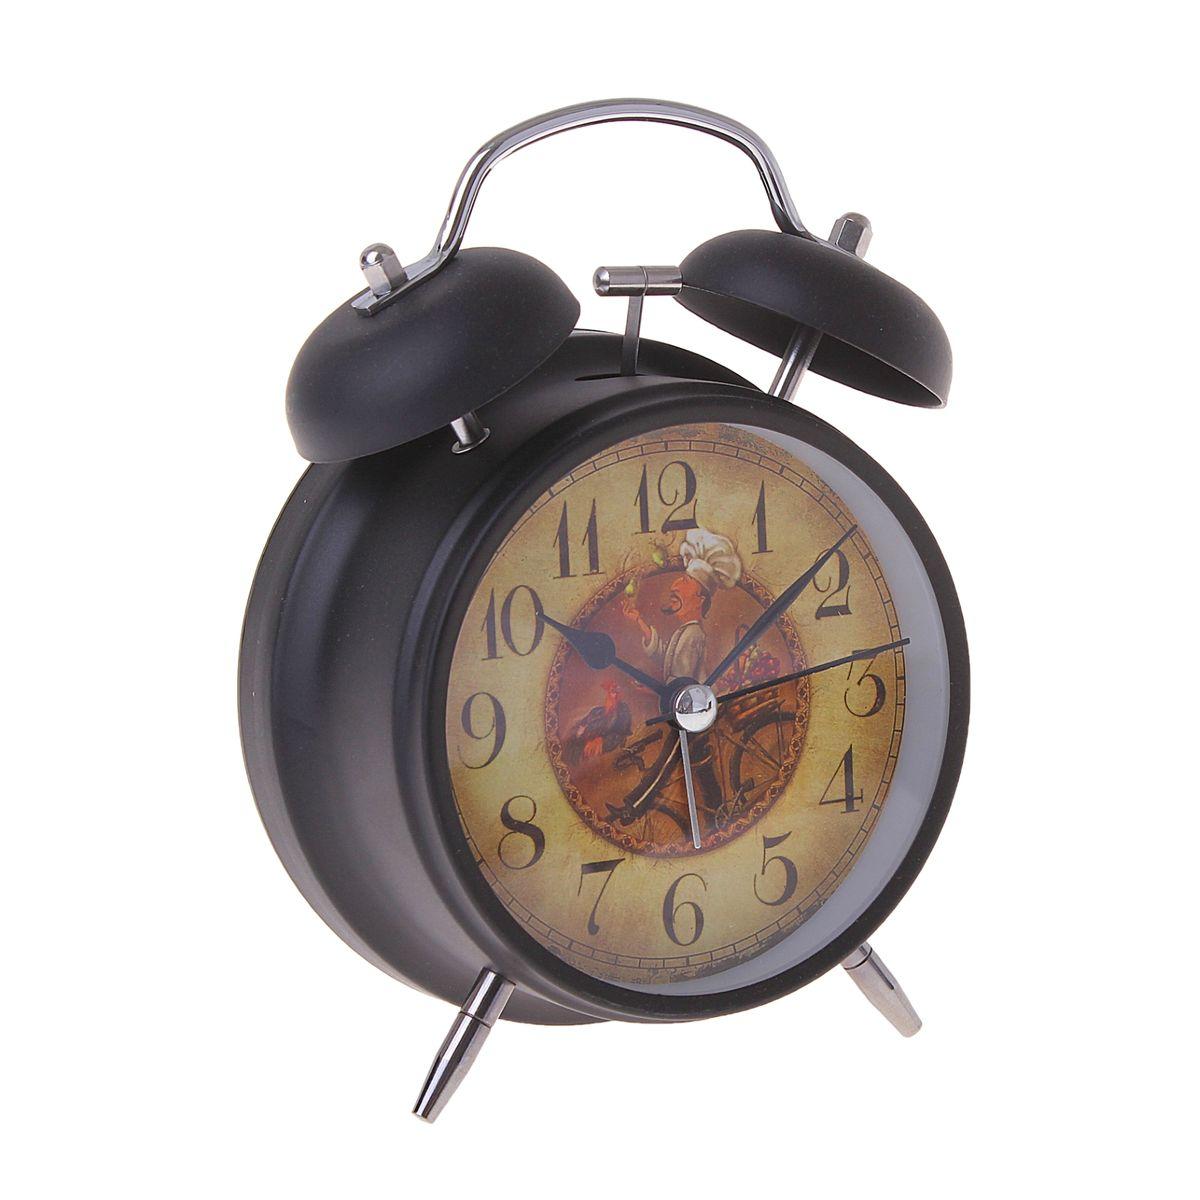 Часы-будильник Sima-land. 155521155521Как же сложно иногда вставать вовремя! Всегда так хочется поспать еще хотя бы 5 минут и бывает, что мы просыпаем. Теперь этого не случится! Яркий, оригинальный будильник Sima-land поможет вам всегда вставать в нужное время и успевать везде и всюду. Время показывает точно и будит в установленный час. Будильник украсит вашу комнату и приведет в восхищение друзей. На задней панели будильника расположены переключатель включения/выключения механизма и два колесика для настройки текущего времени и времени звонка будильника. Также будильник оснащен кнопкой, при нажатии и удержании которой, подсвечивается циферблат. Будильник работает от 1 батарейки типа AA напряжением 1,5V (не входит в комплект).